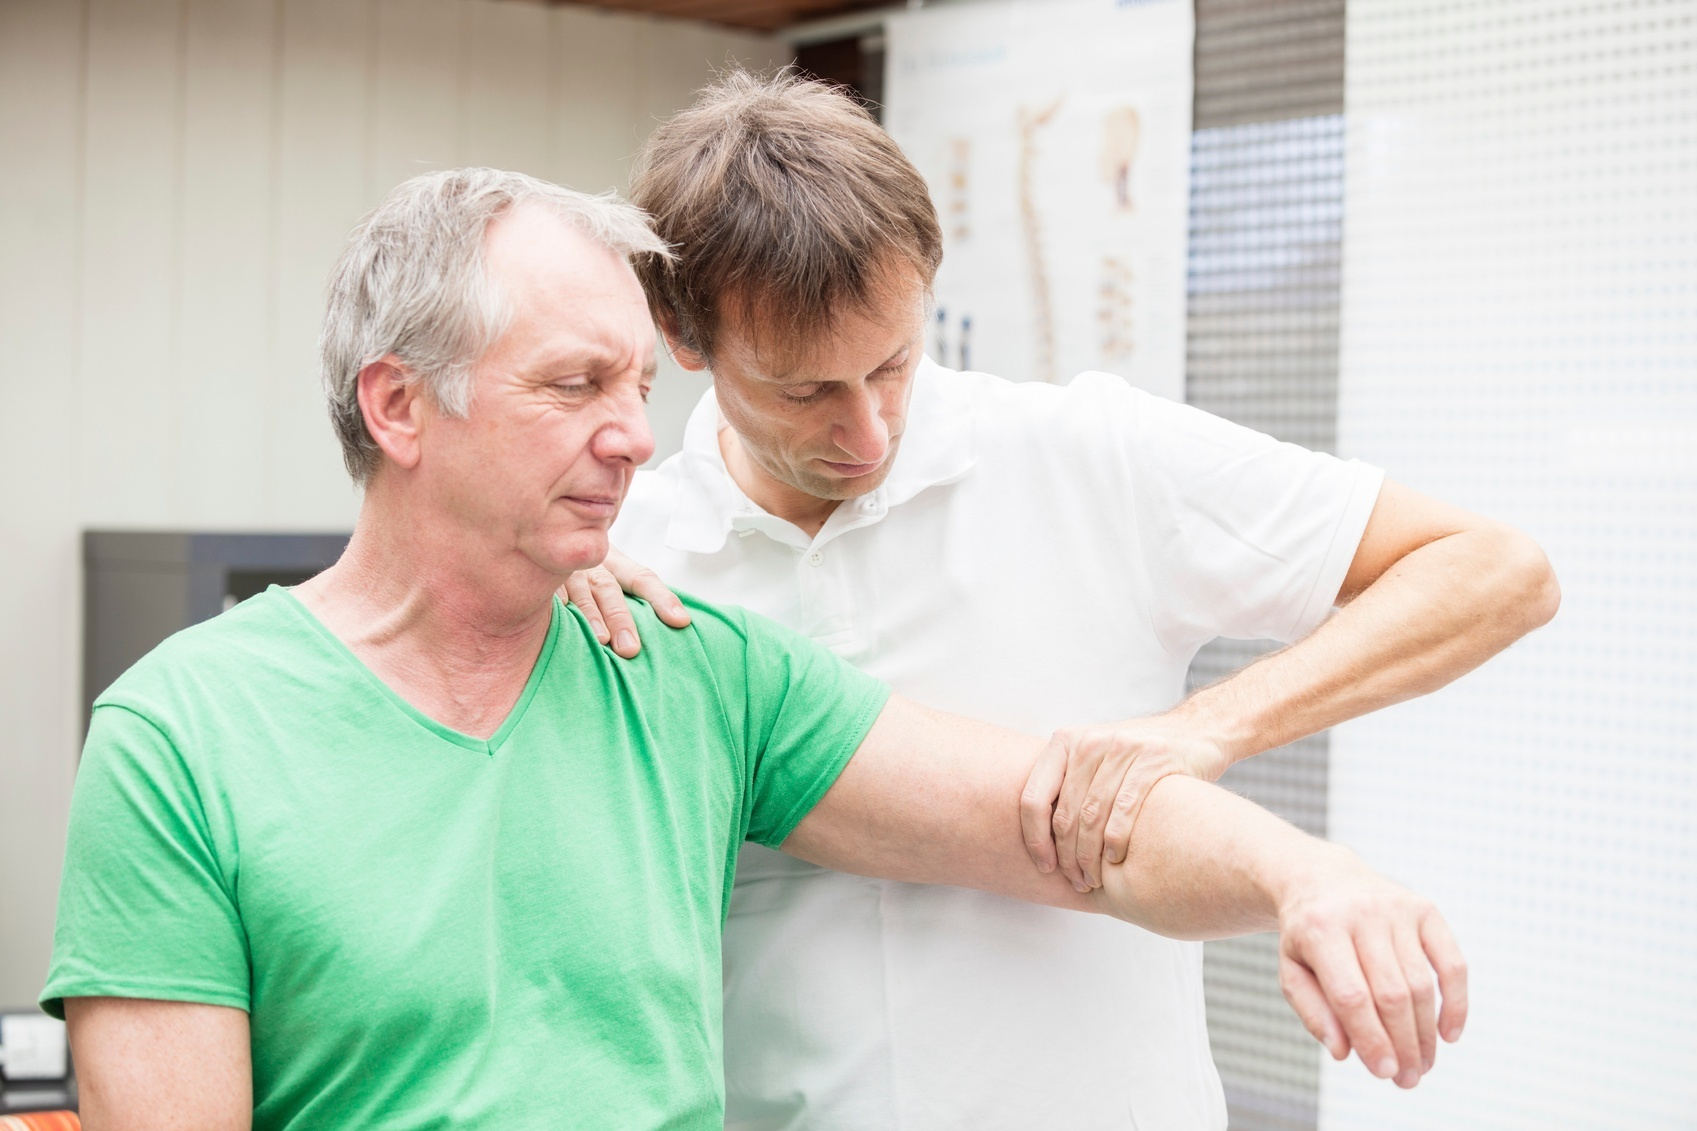 Chiropractor in Belltown Treating Patient